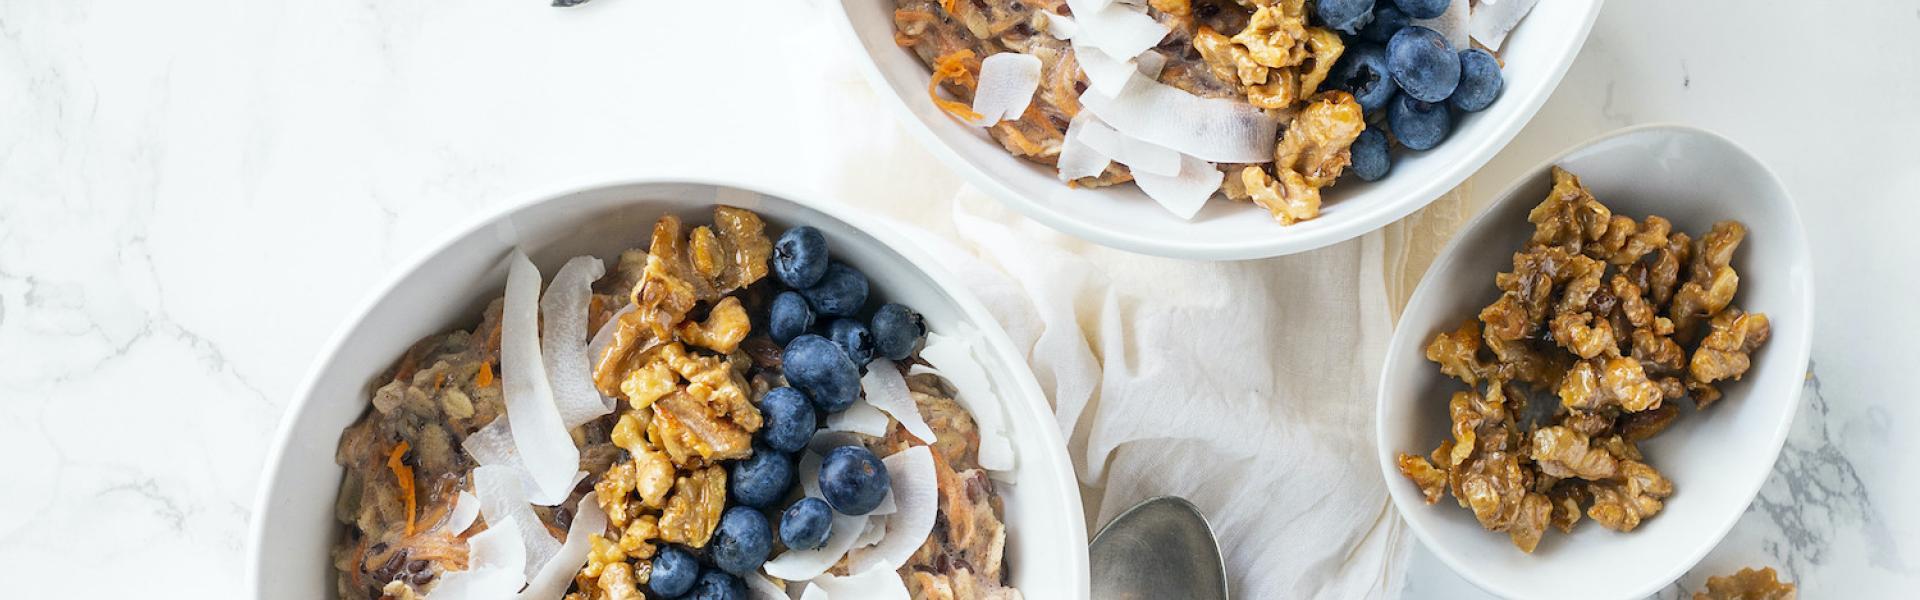 Carrot Cake Porridge mit Blaubeeren, Nüssen und Kokos in zwei Schalen.